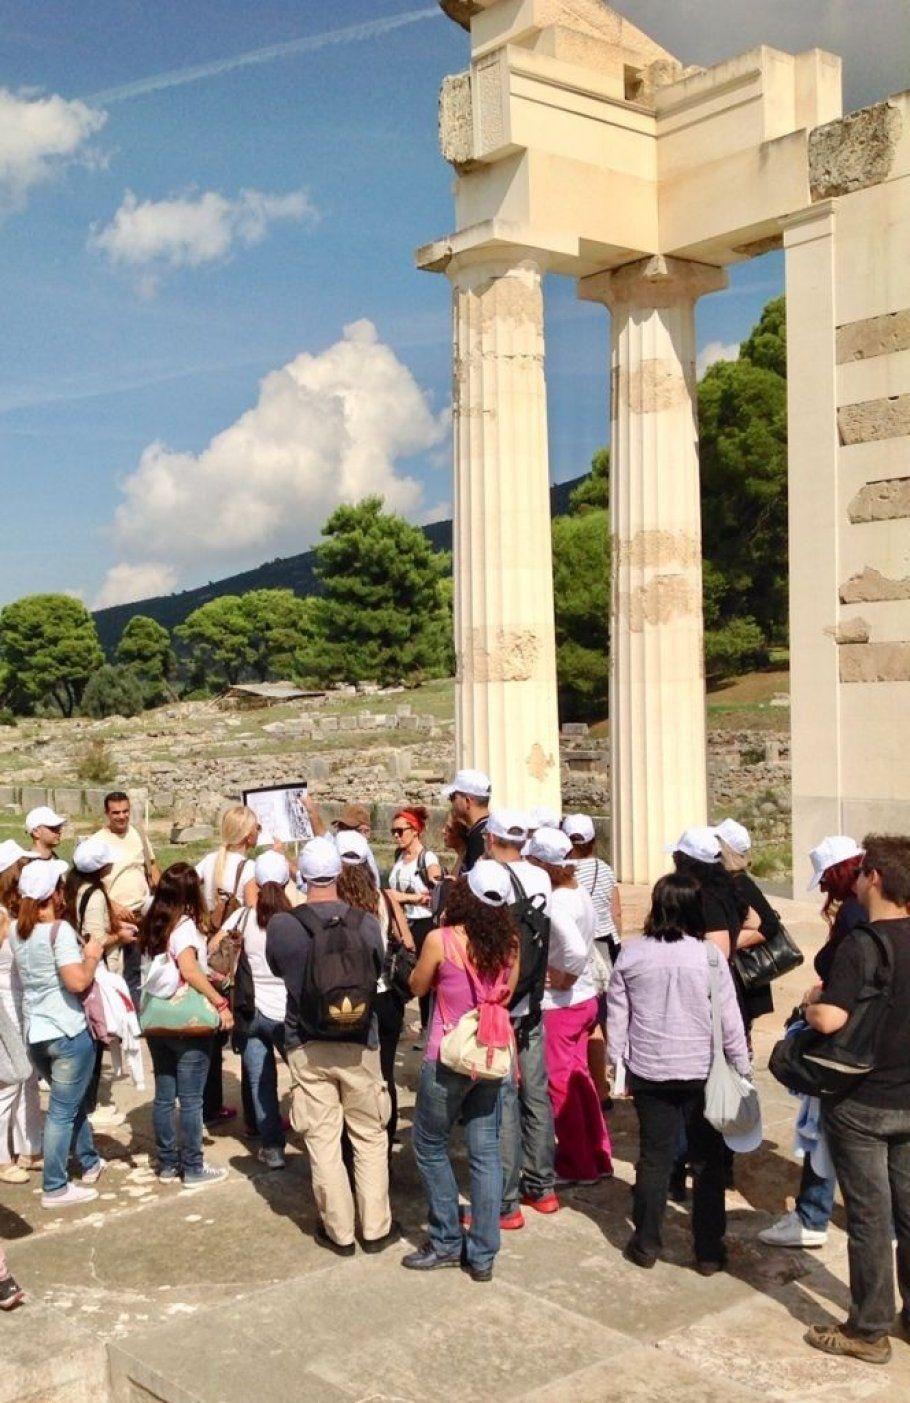 2.Εργαζόμενοι της INTERAMERICAN στον αρχαιολογικό χώρο της Επιδαύρου.